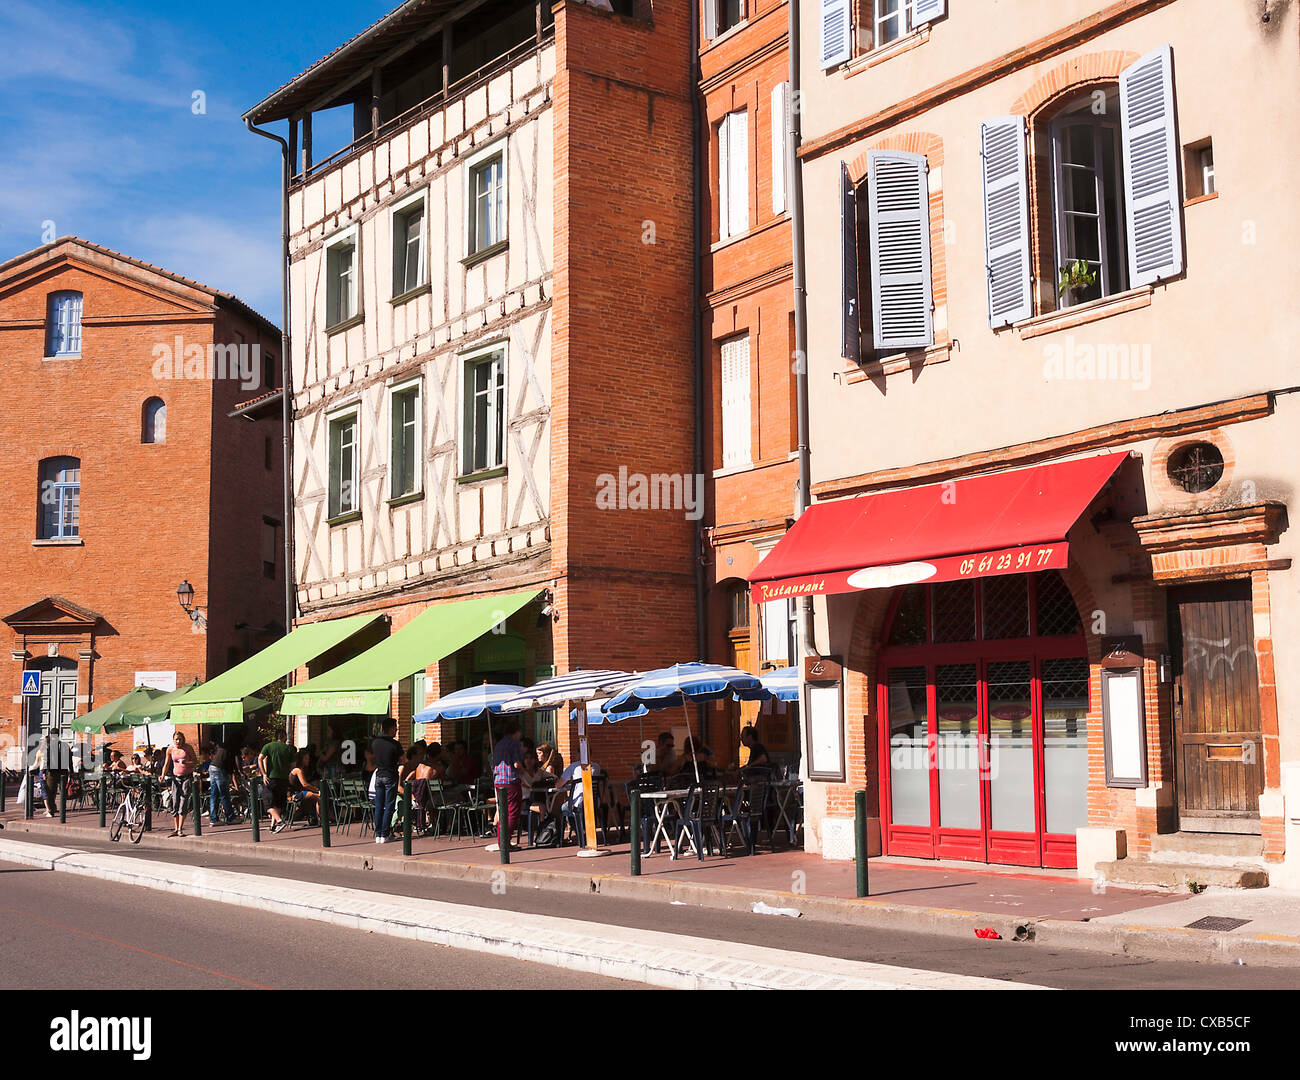 Cafe des Artistes and Restaurant 4 Z'arts in Place de la Daurade Toulouse Haute-Garonne Midi-Pyrenees France - Stock Image